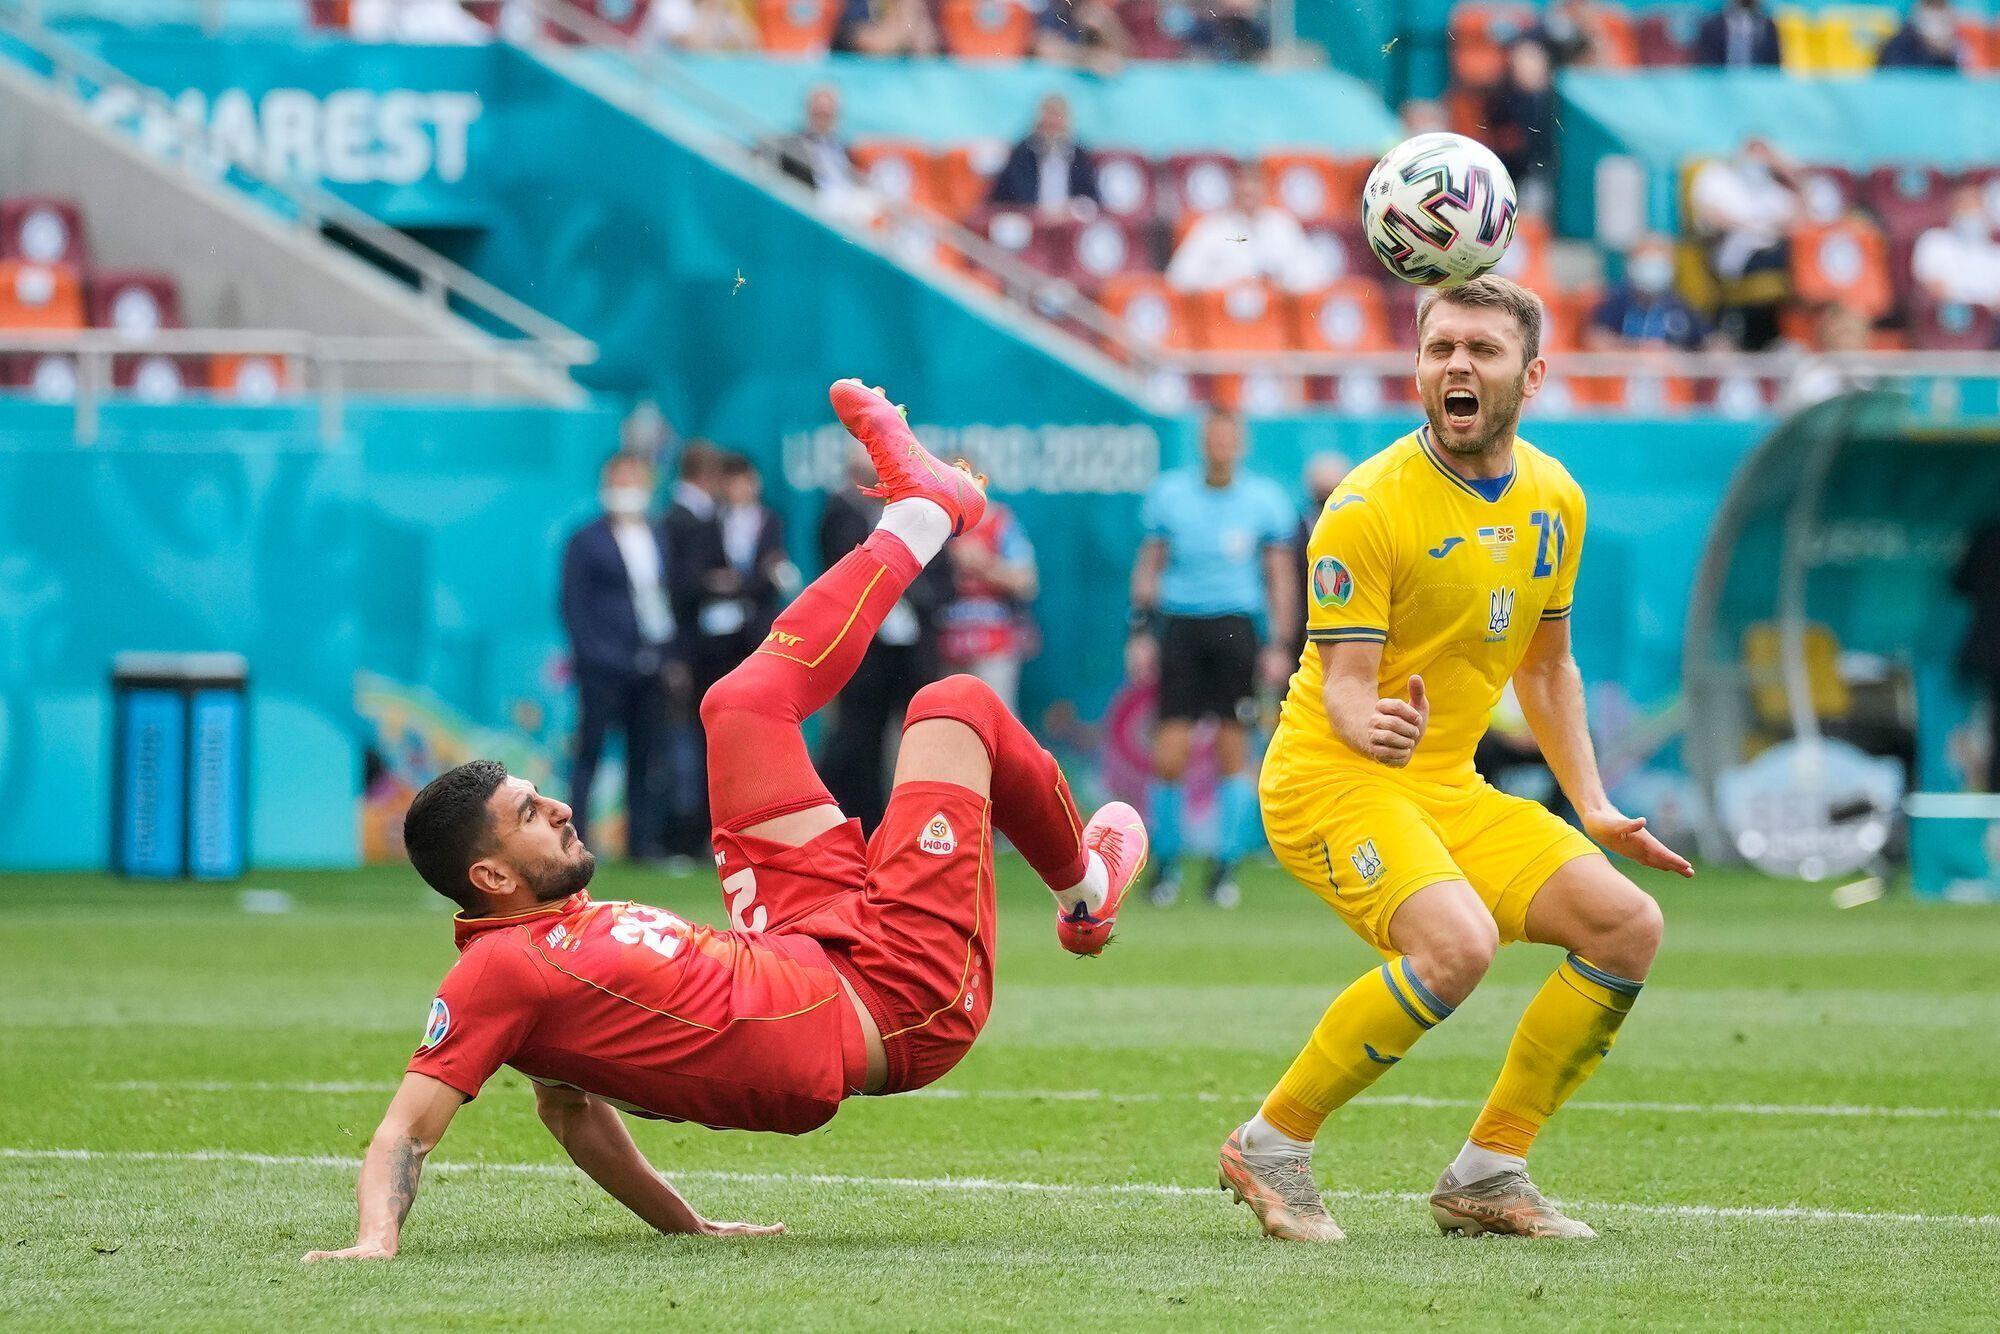 Олександр Караваєв відзначився гольовою передачею в матчі з македонцями